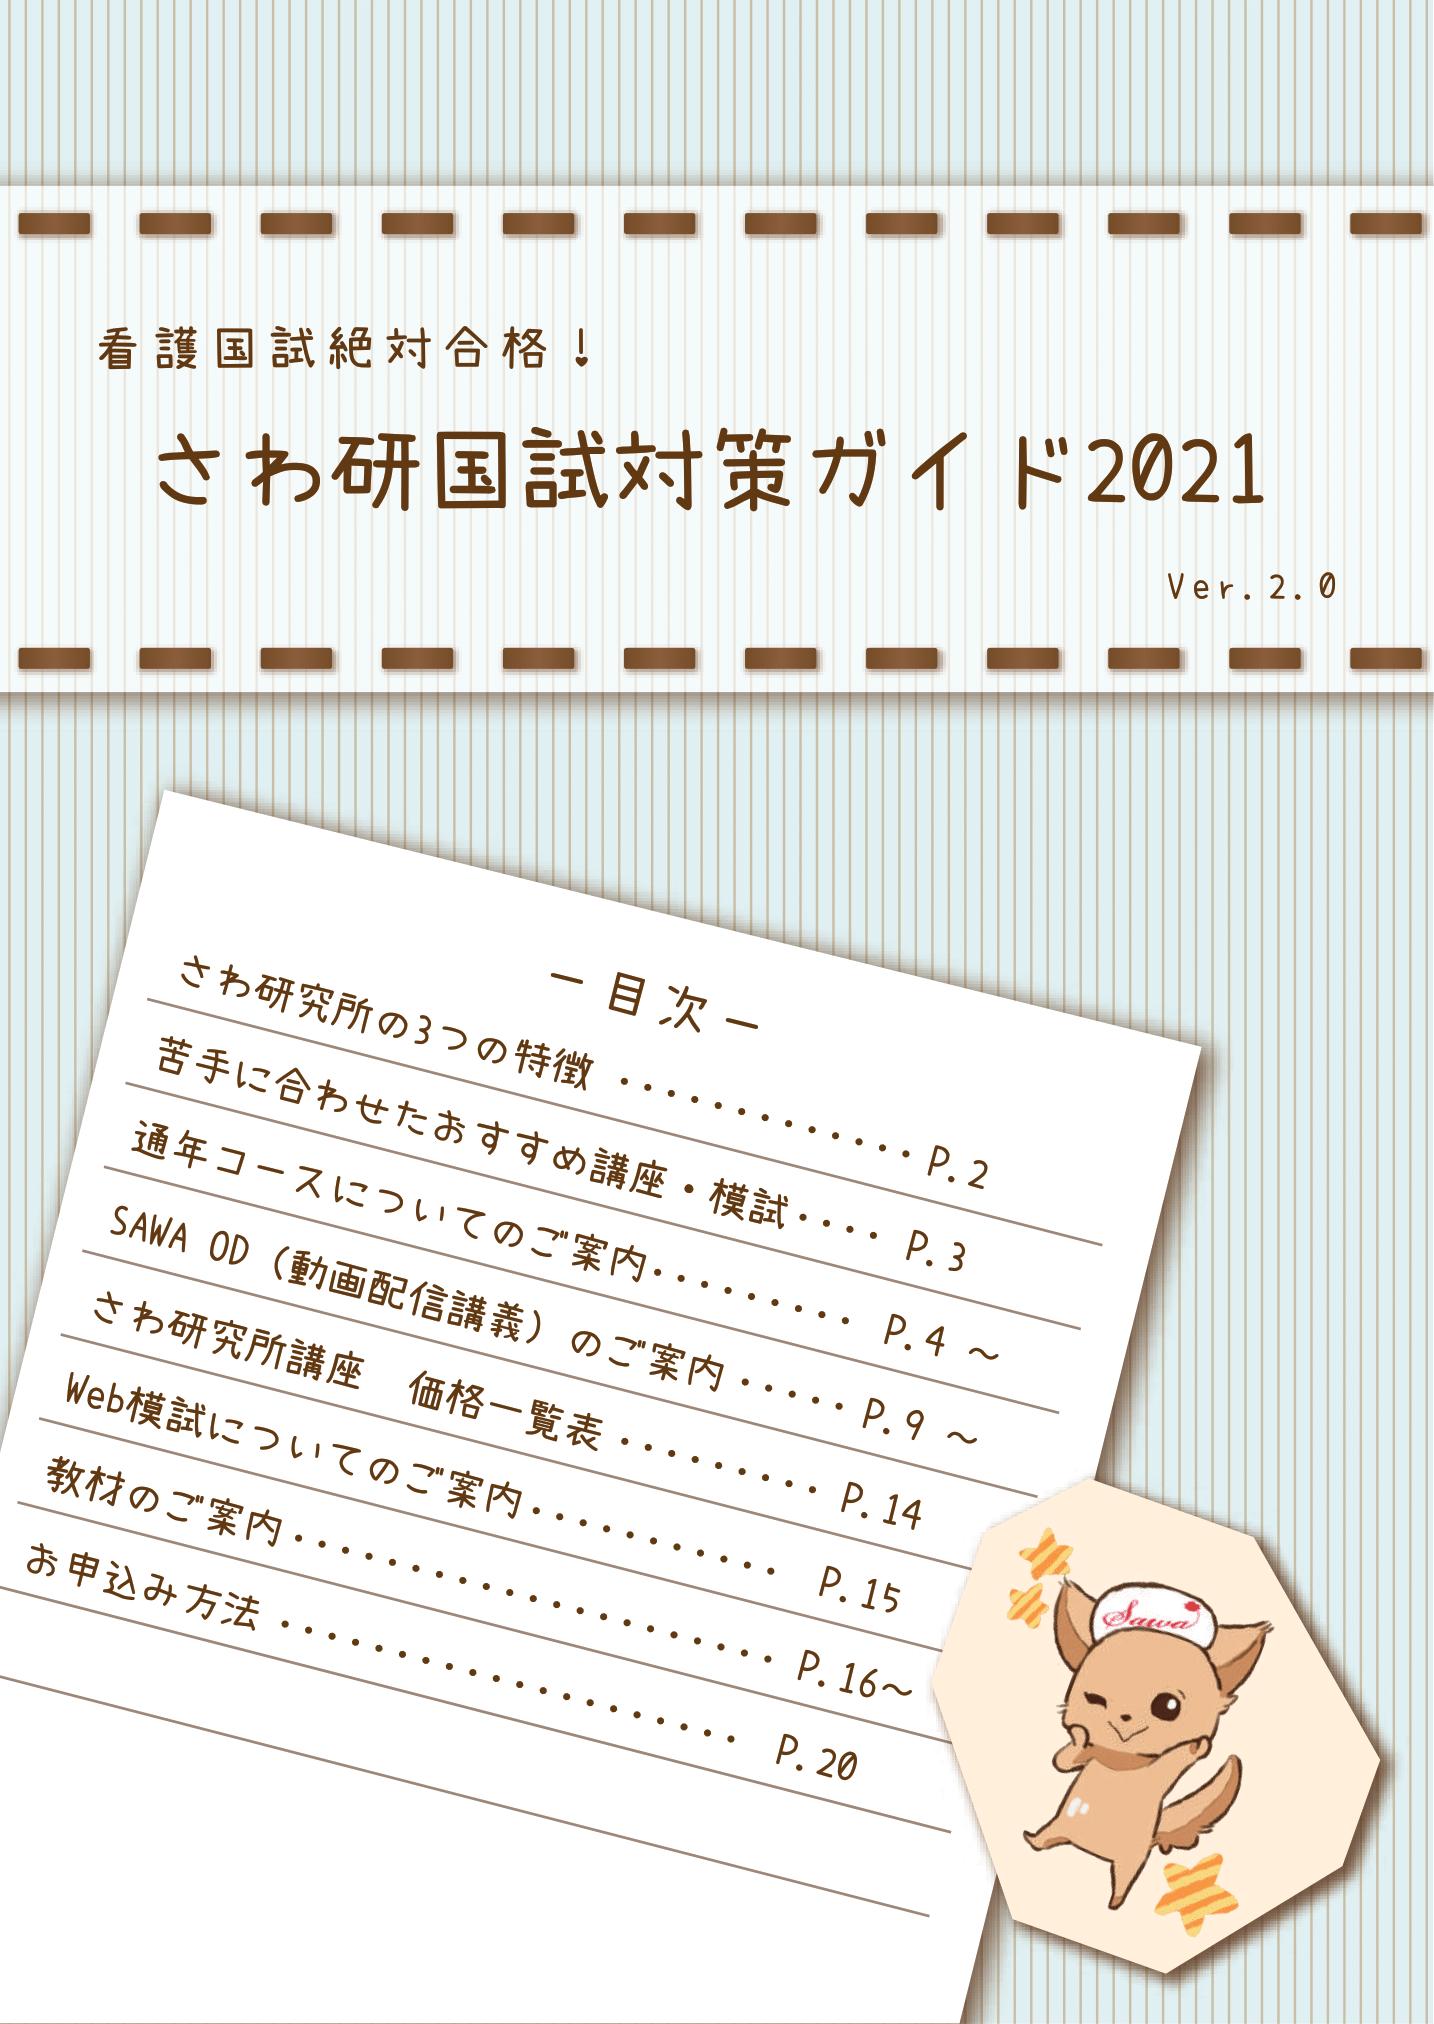 さわ研国試対策ガイド2021